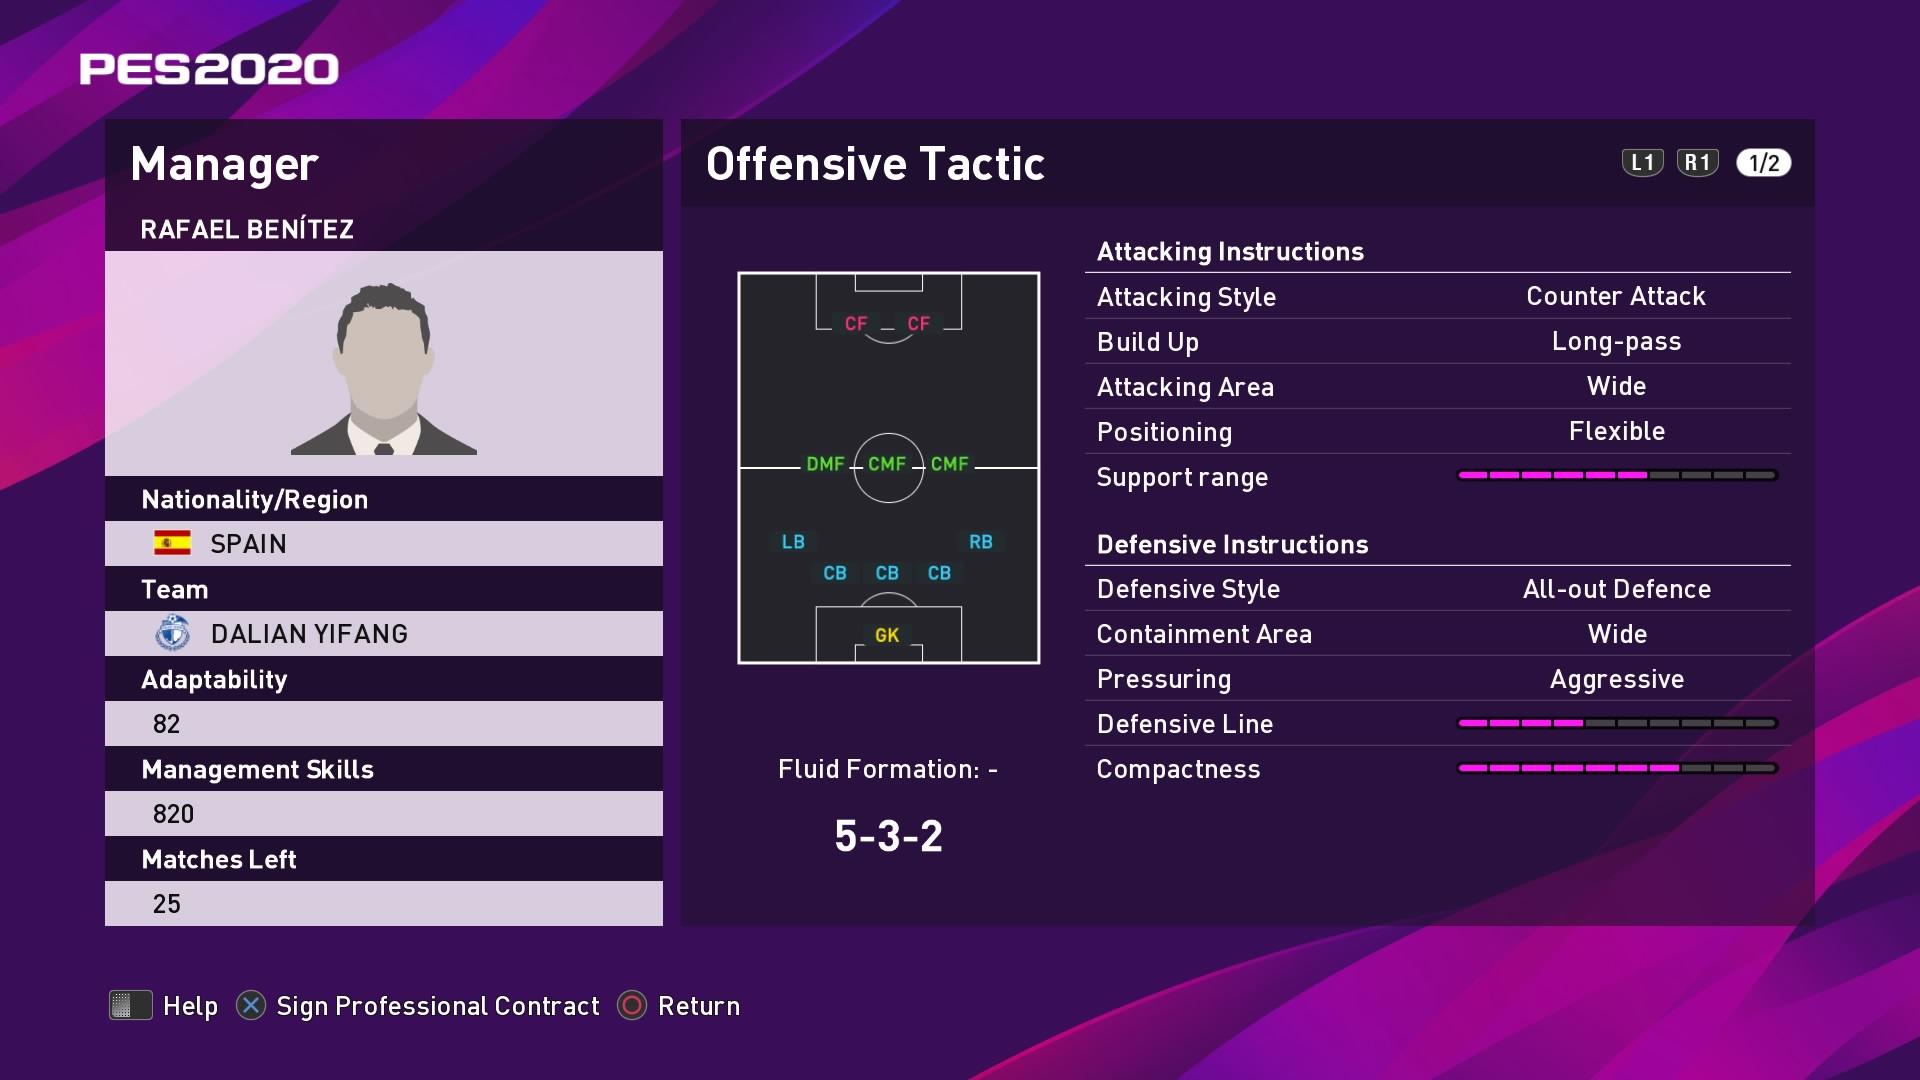 Rafael Benítez Offensive Tactic in PES 2020 myClub